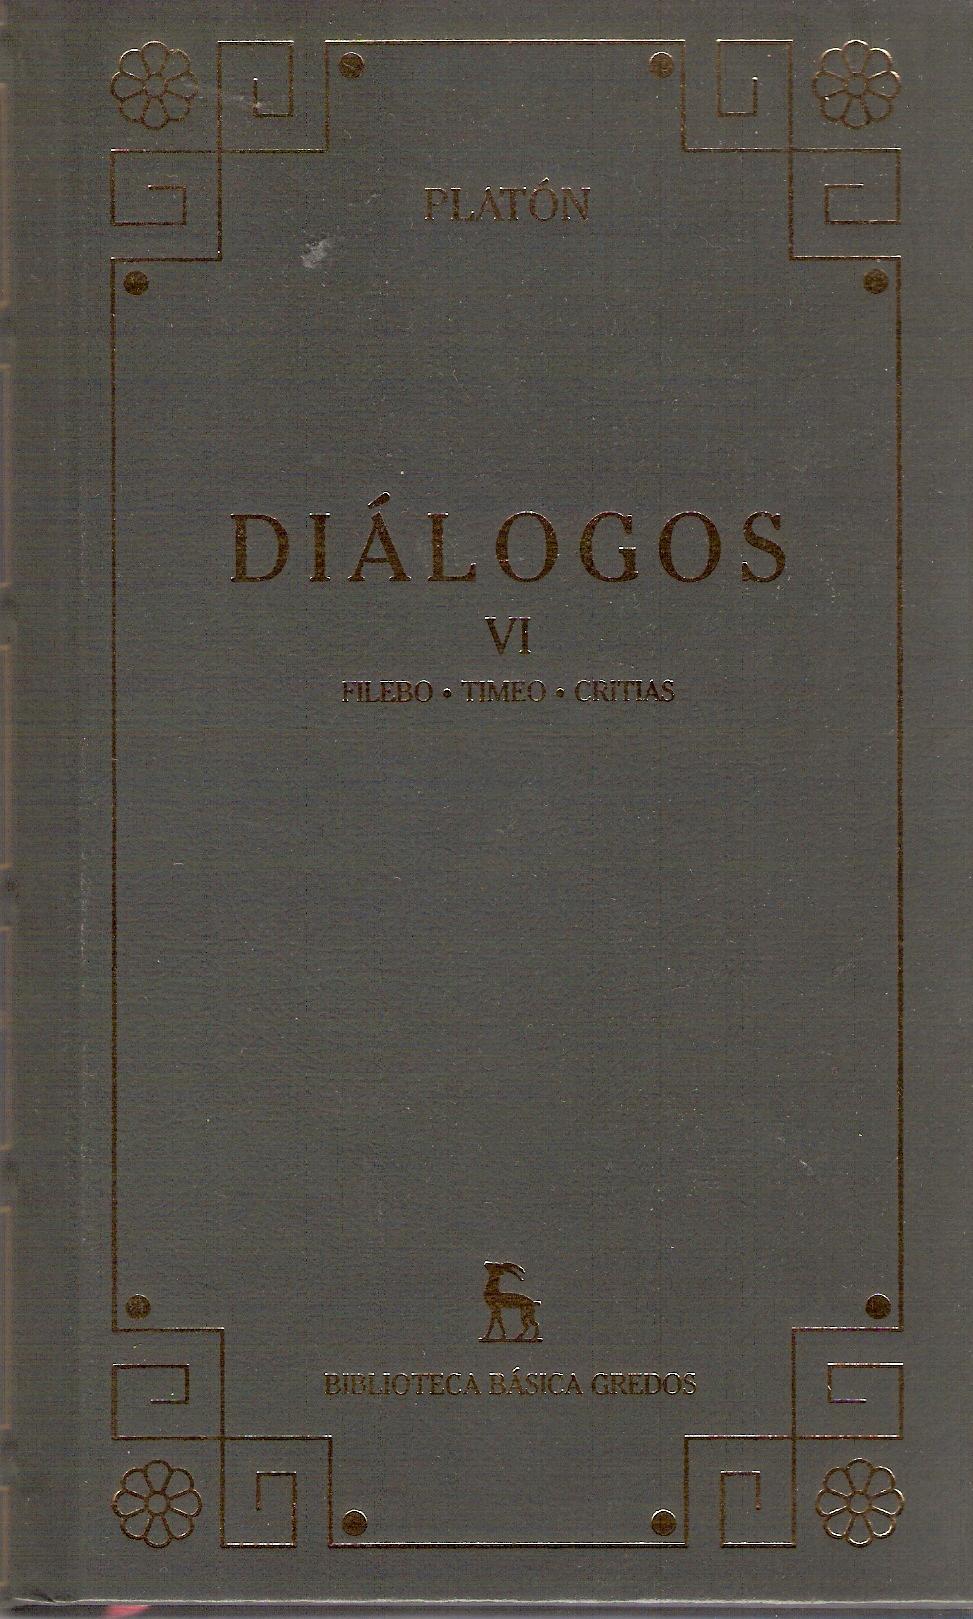 Diálogos IV